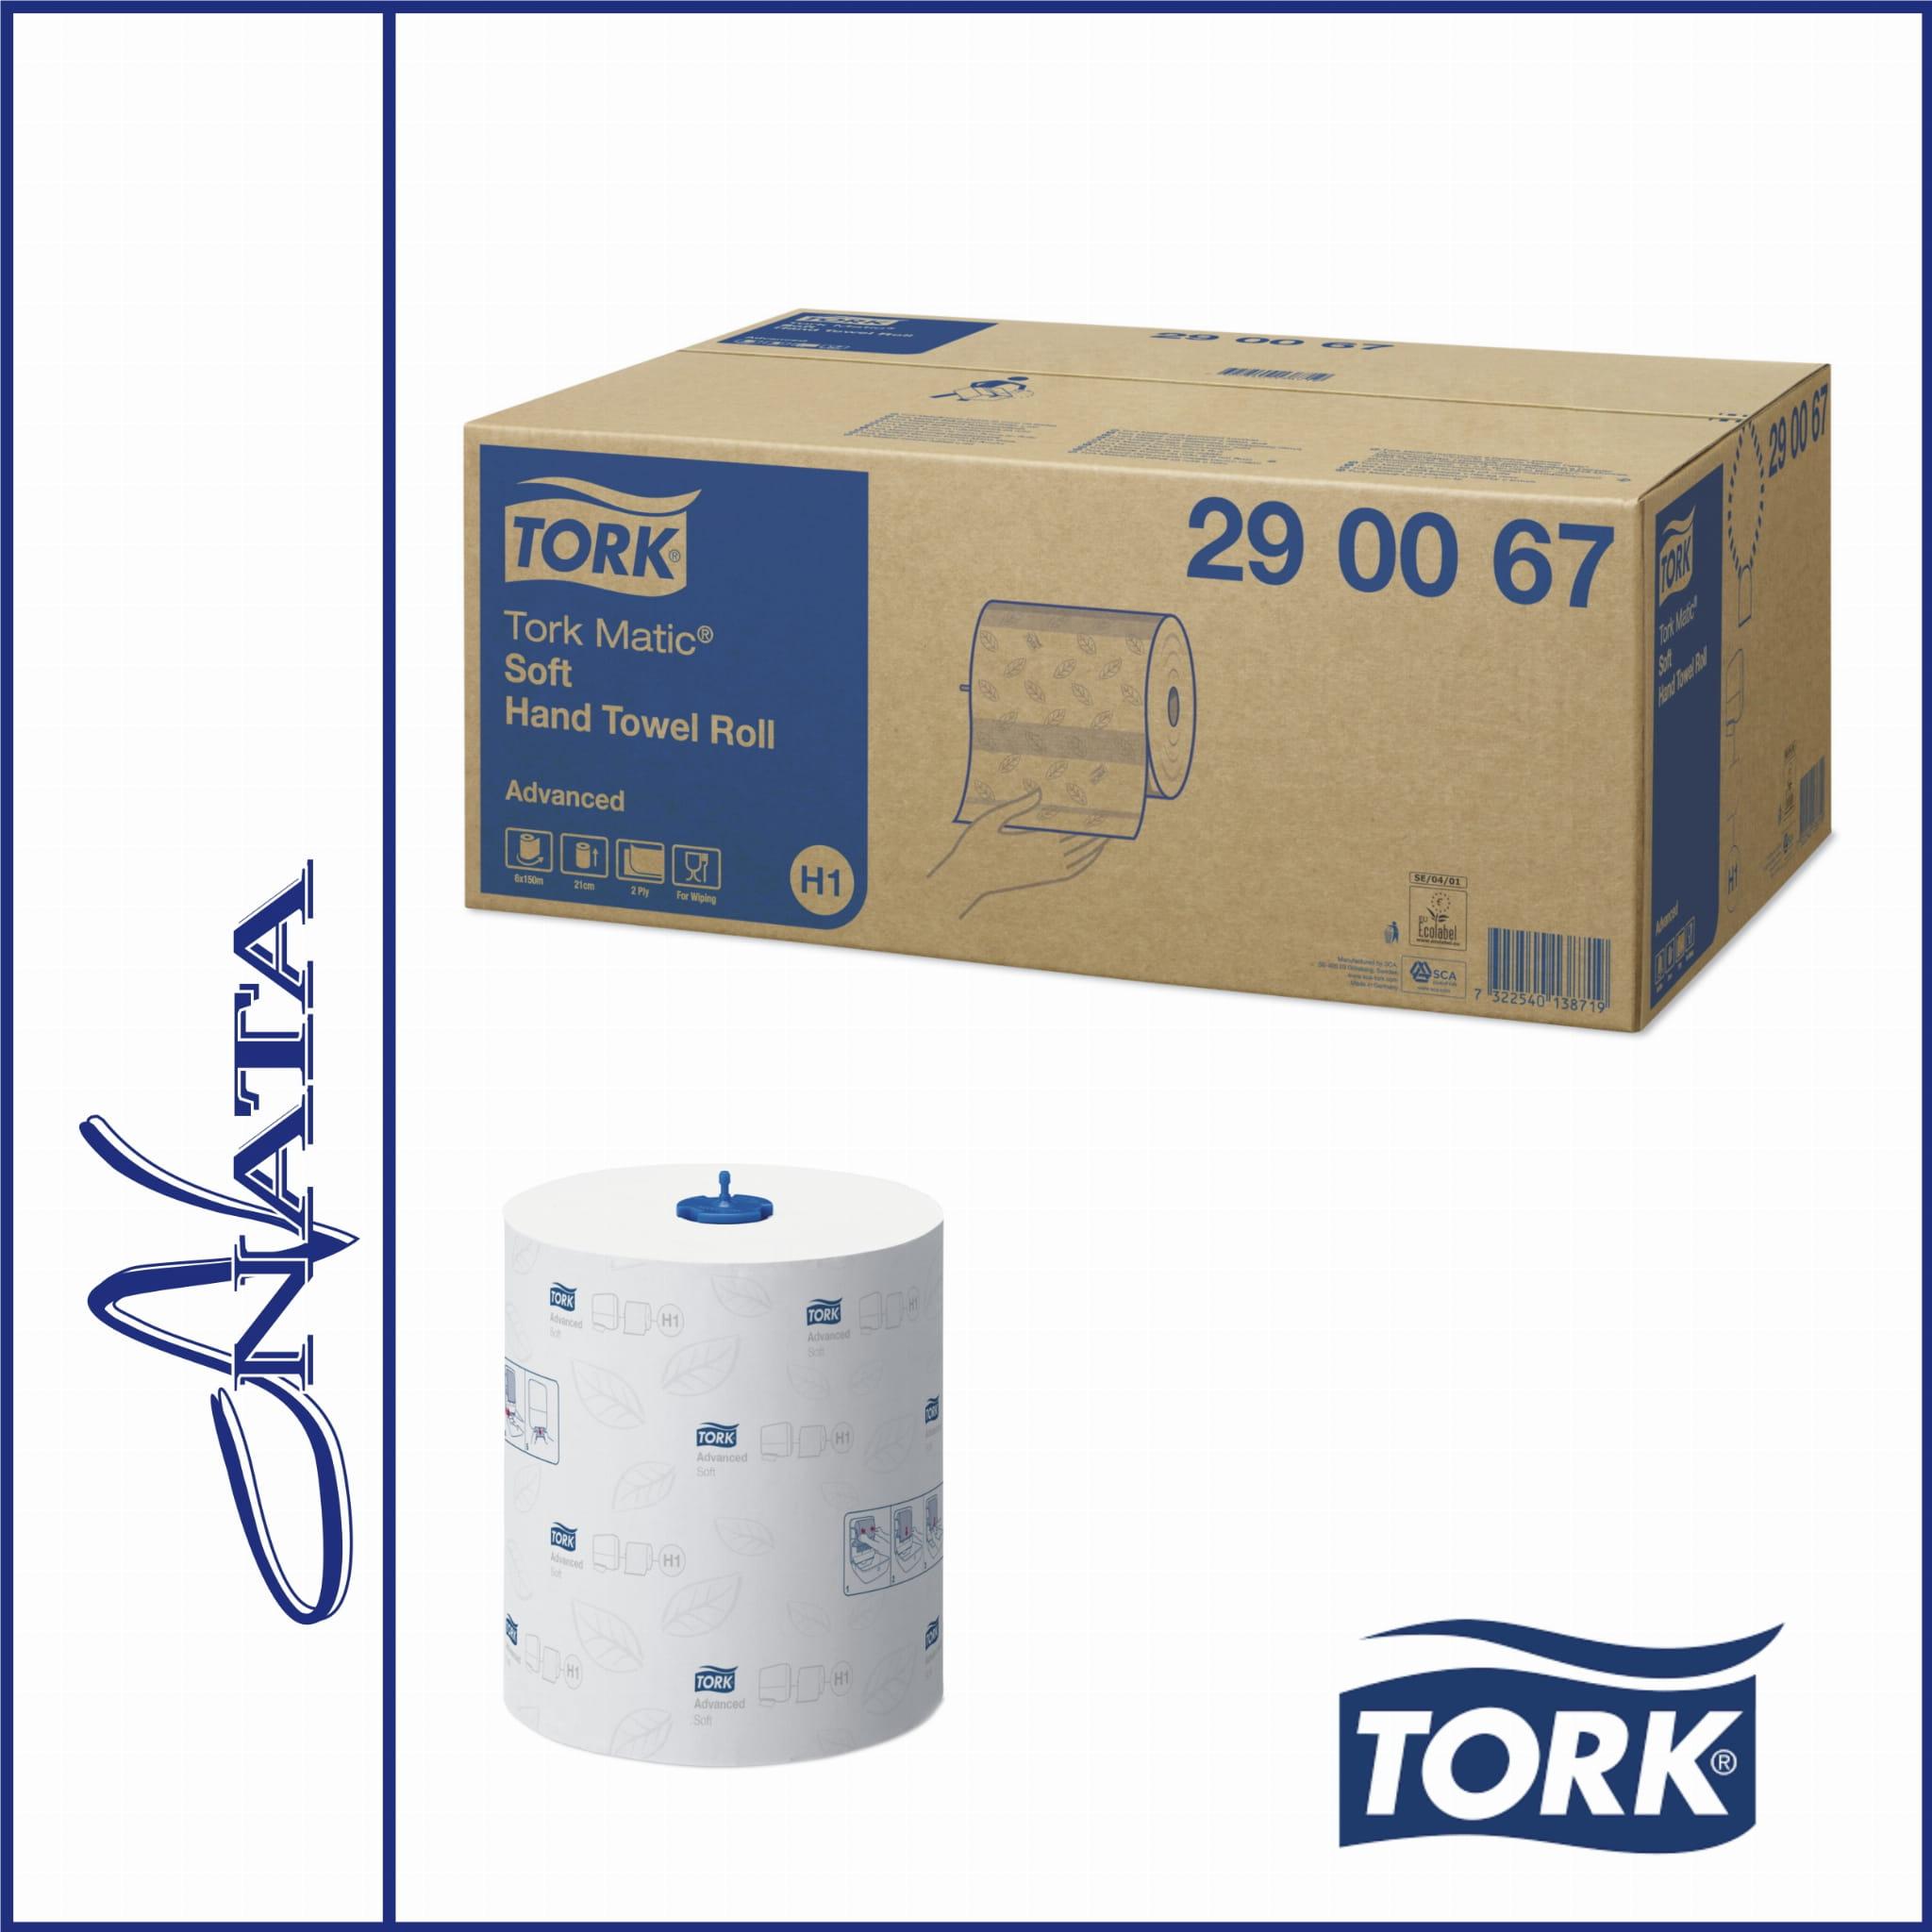 TORK  Ręcznik w roli miękki Advanced H1 6x150m 290067